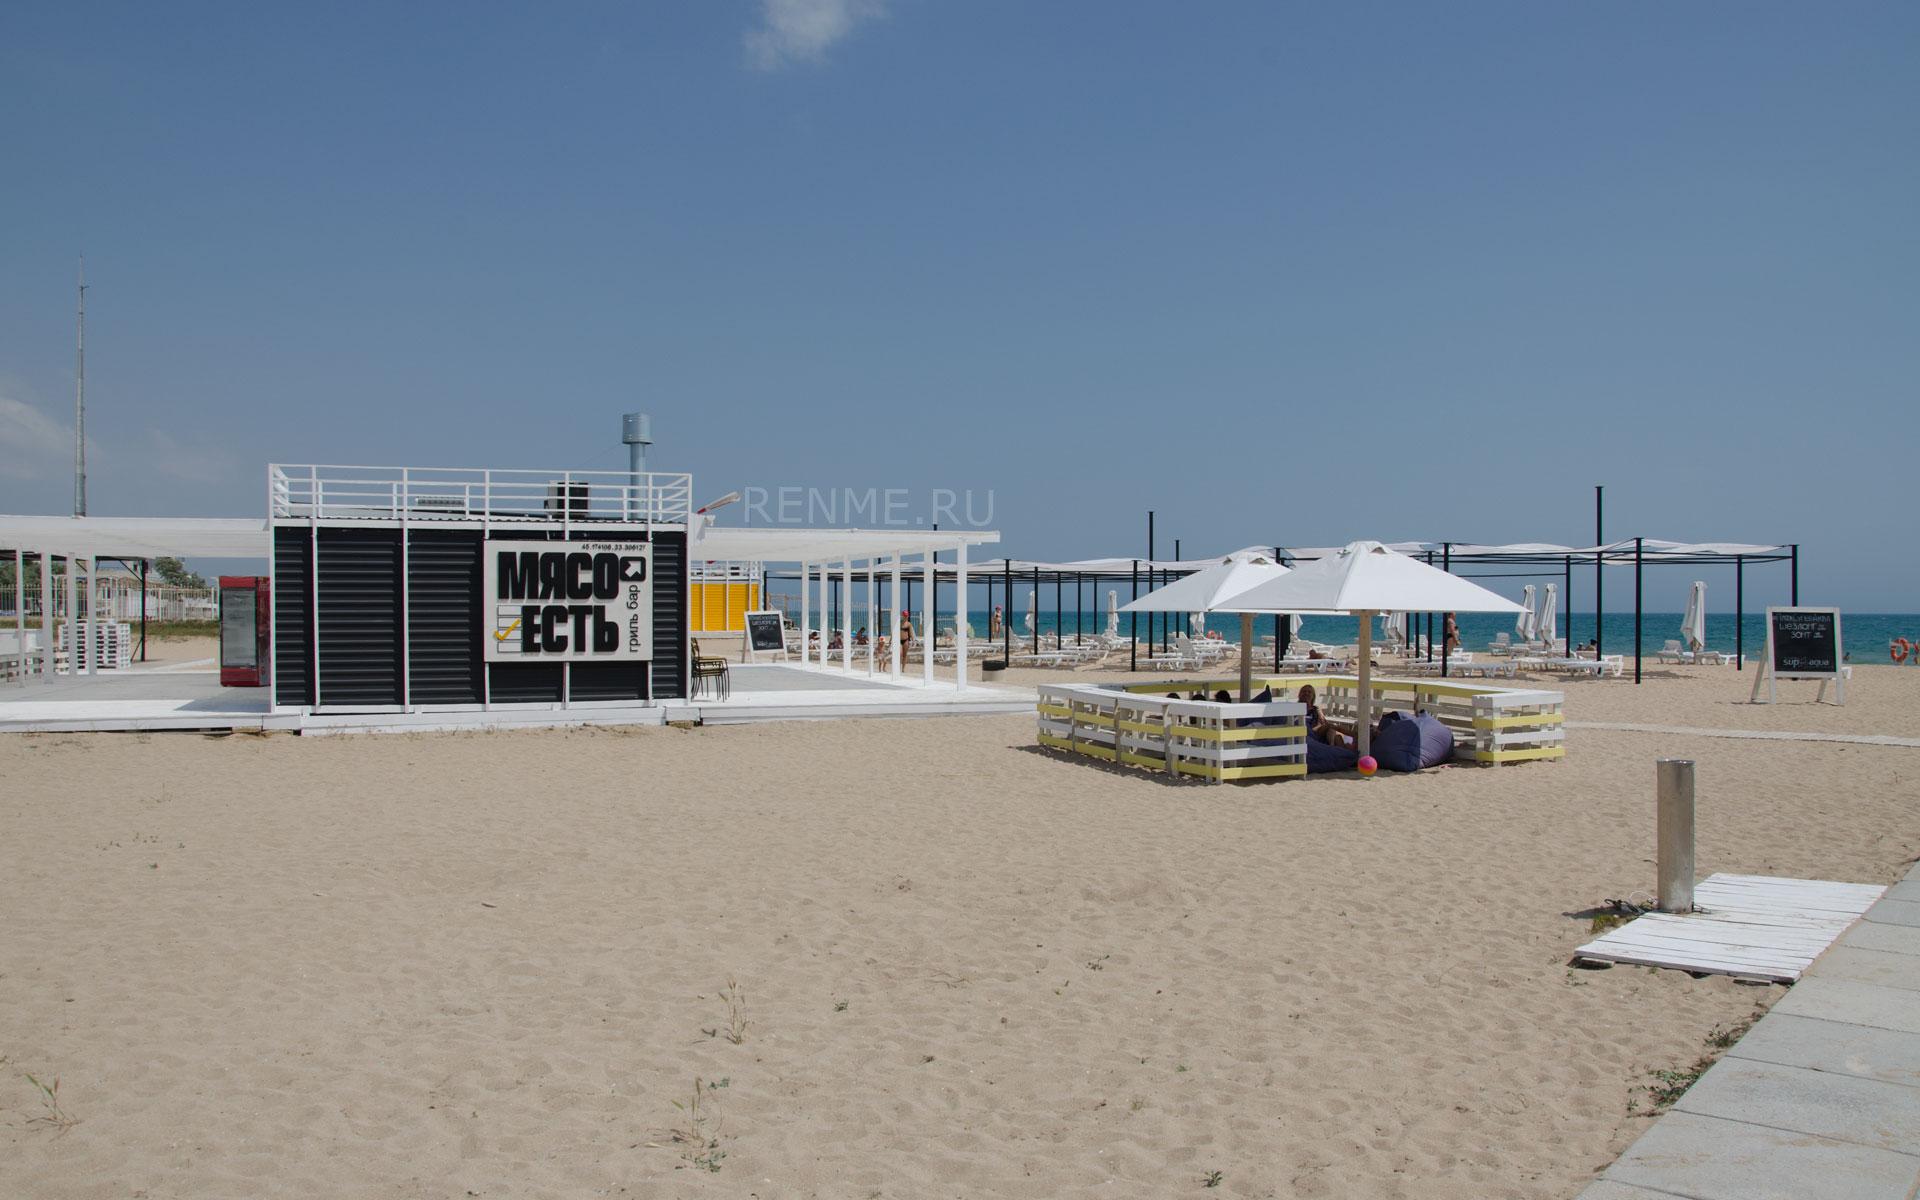 Гриль бар на пляже. Фото Заозёрного